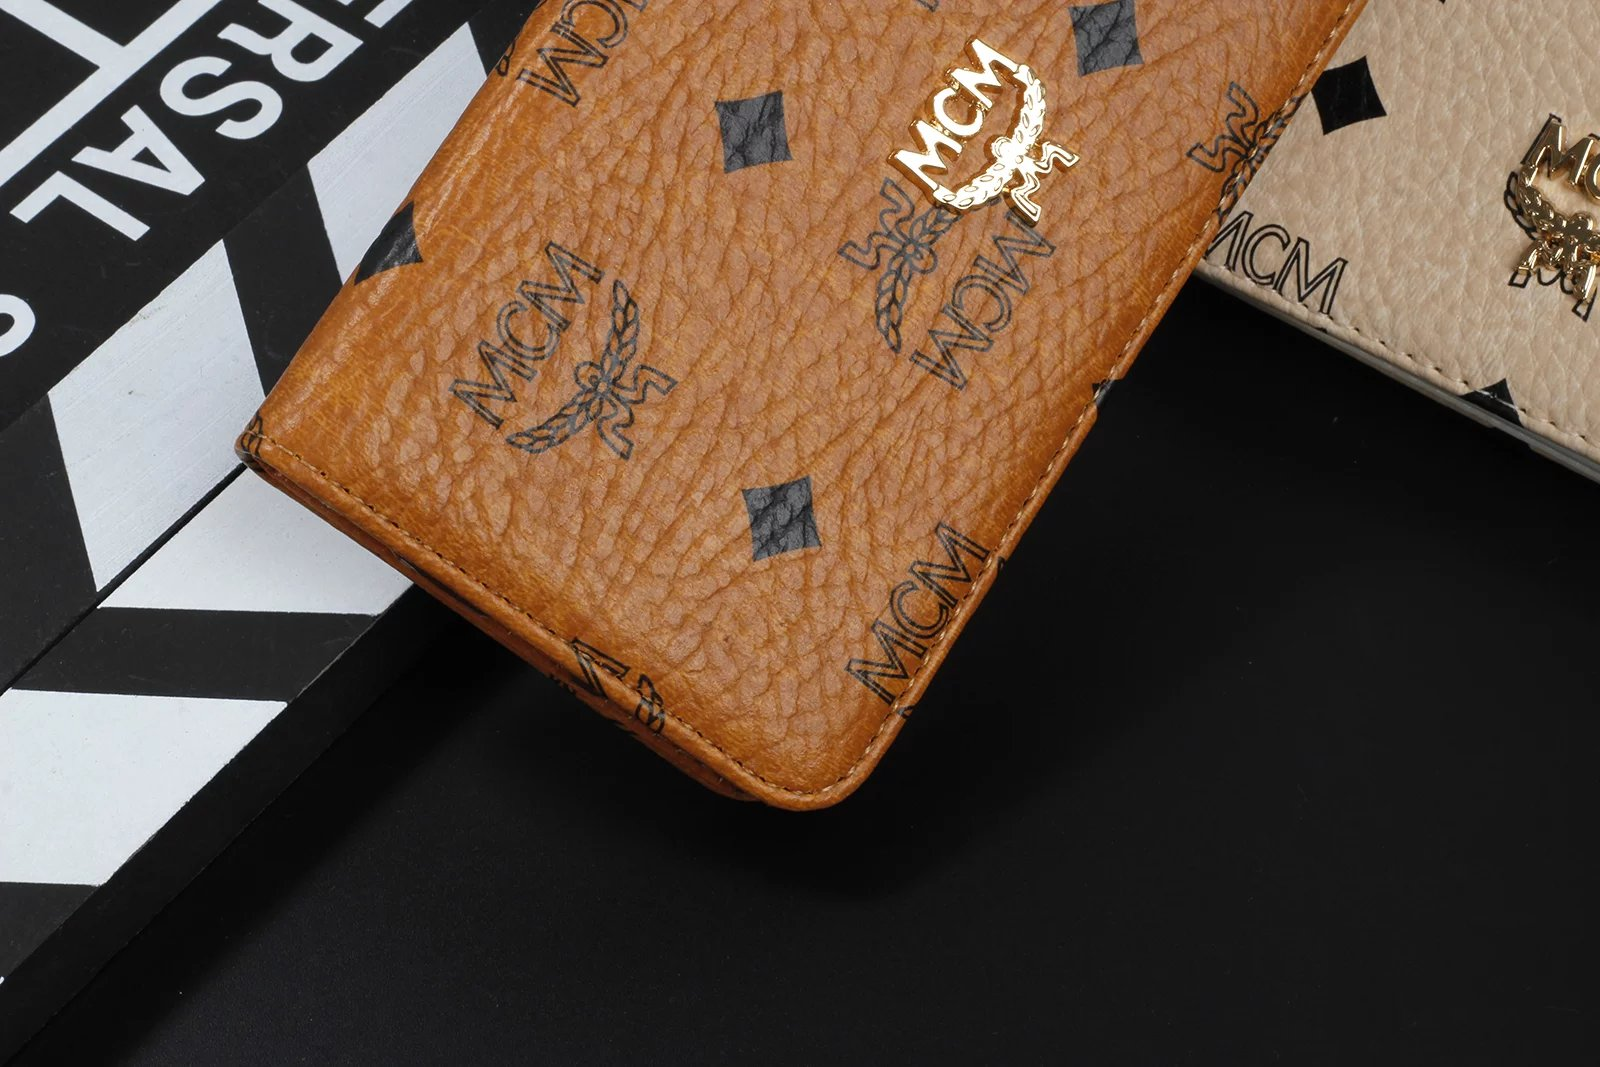 apple iphone case 8 Plus designer iphone 8 Plus cases sale MCM iphone 8 Plus case custom made iphone covers cool phone cases for iPhone 8 Plus iphone cases s iphone 8 Plus cases and covers the phone case good iphone covers